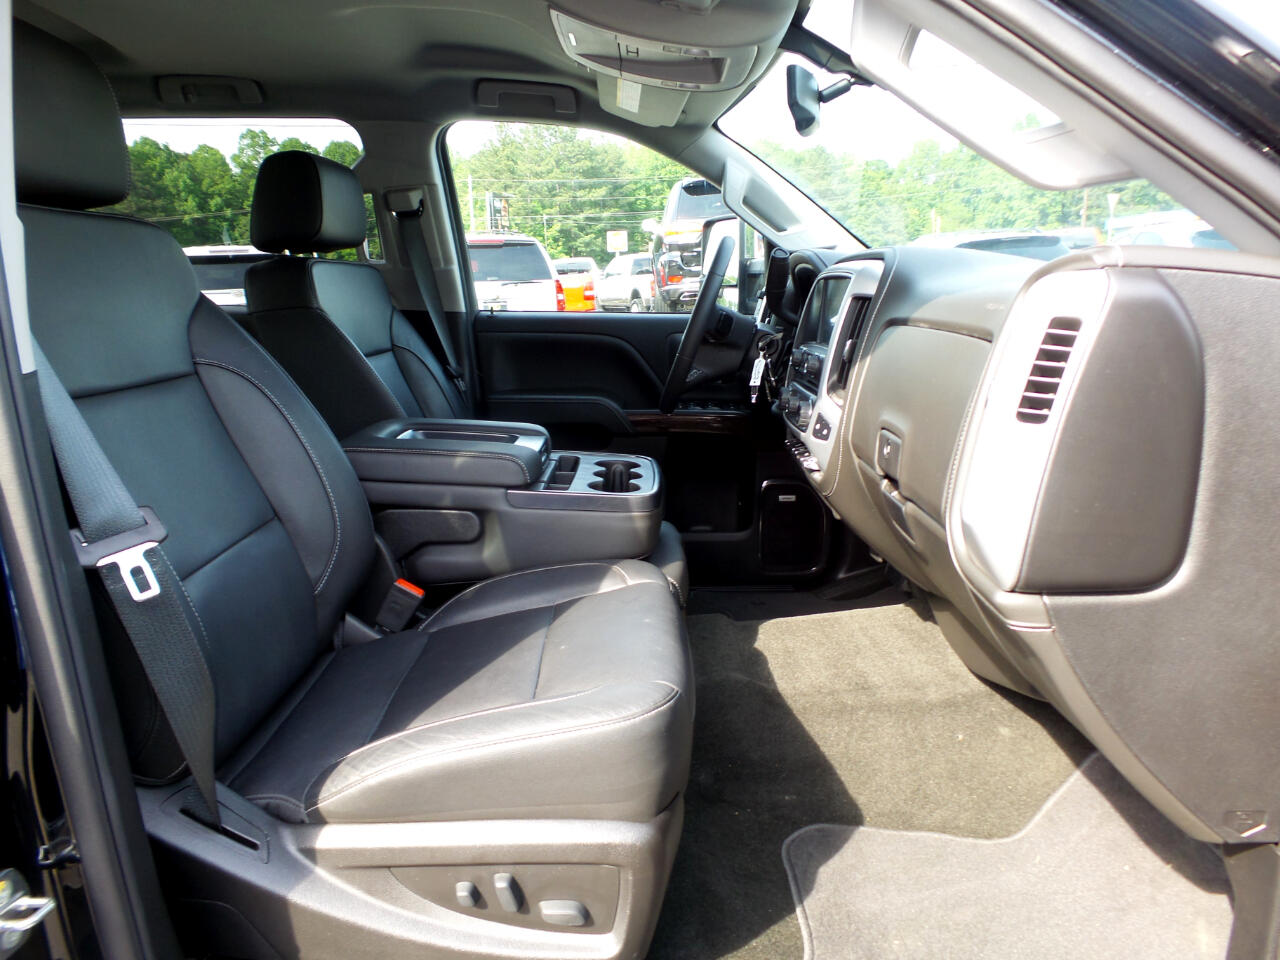 2018 GMC Sierra 2500HD SLT Crew Cab 4WD